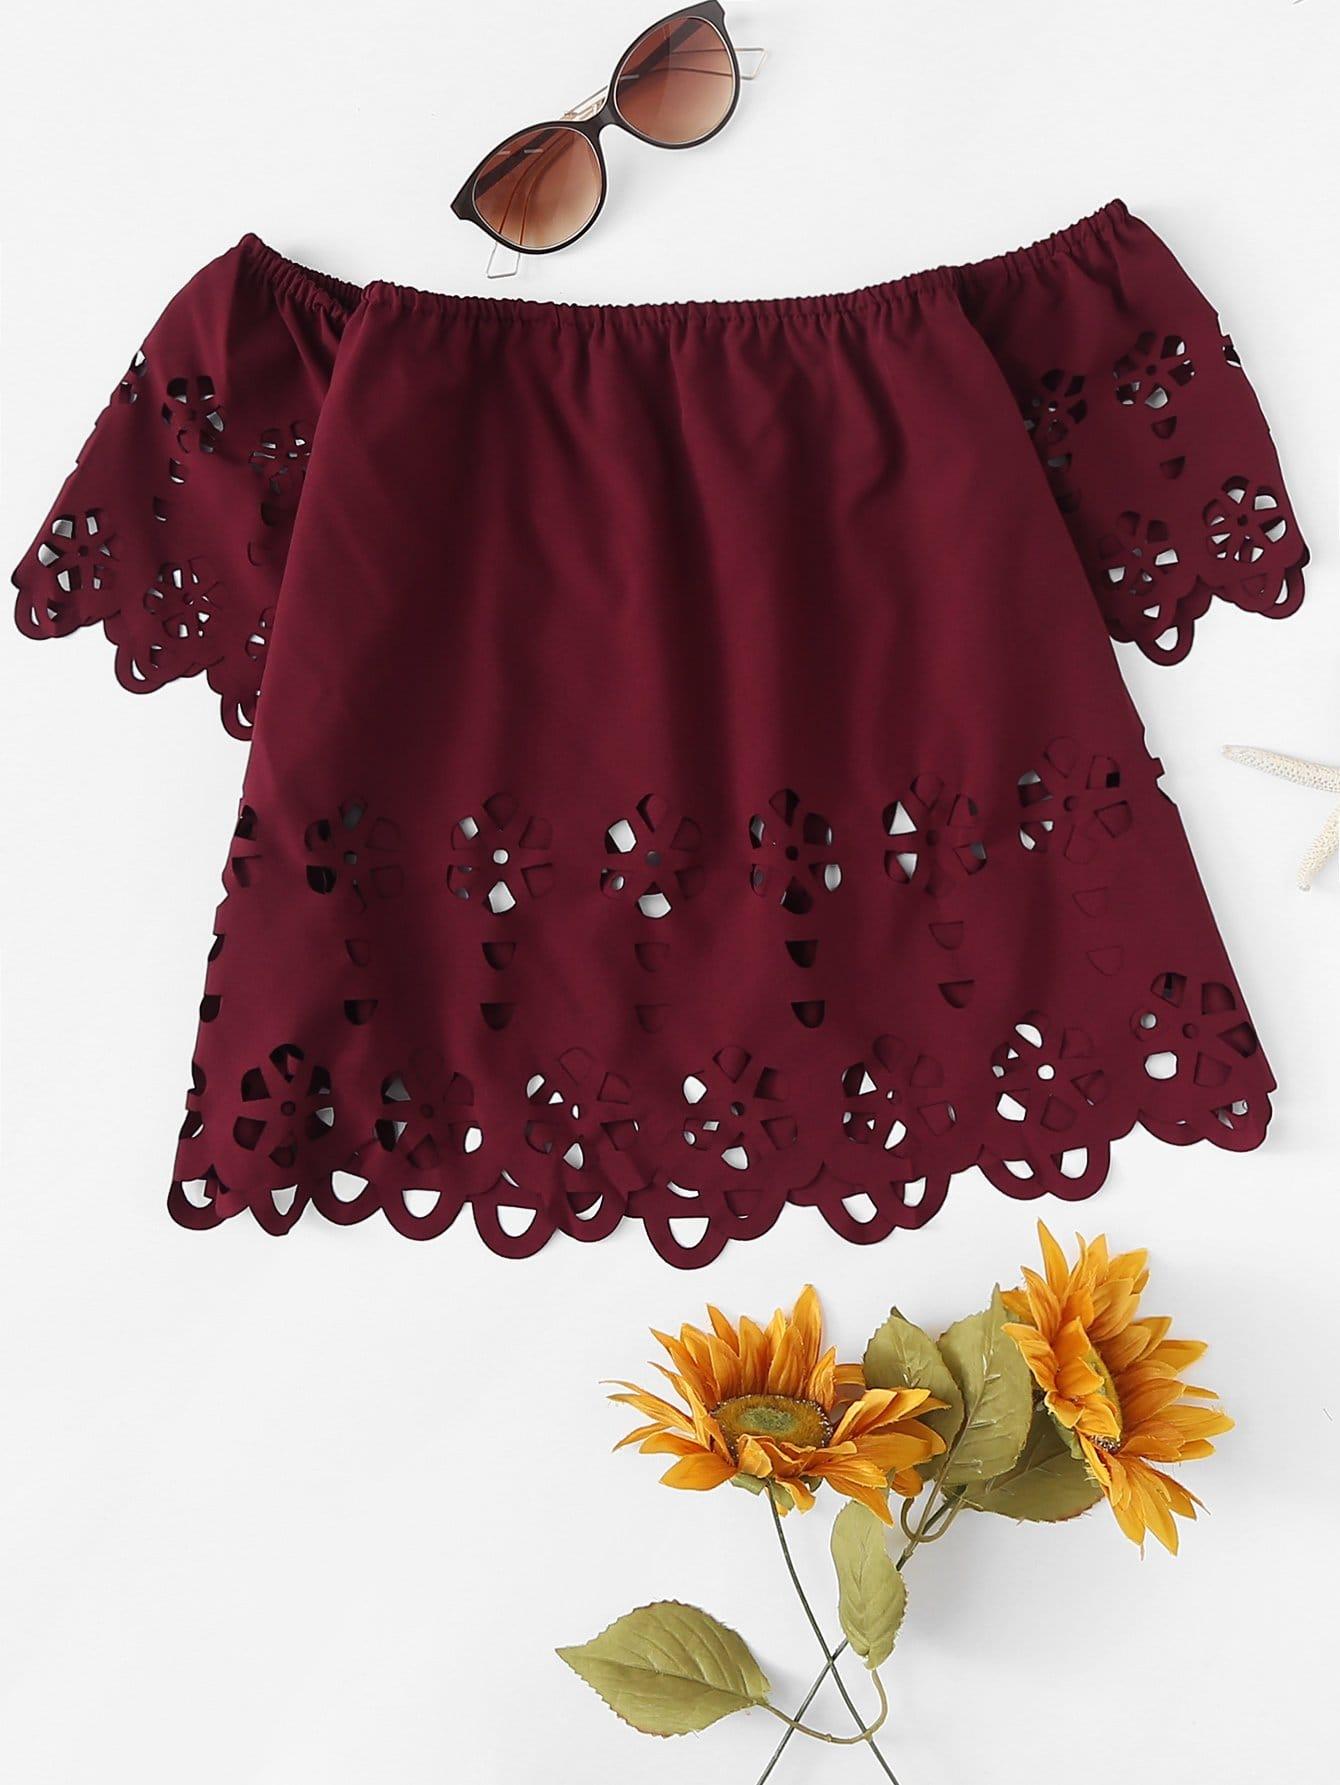 Купить Повседневный Одноцветный с разрезом Бордовый Блузы+рубашки, null, SheIn